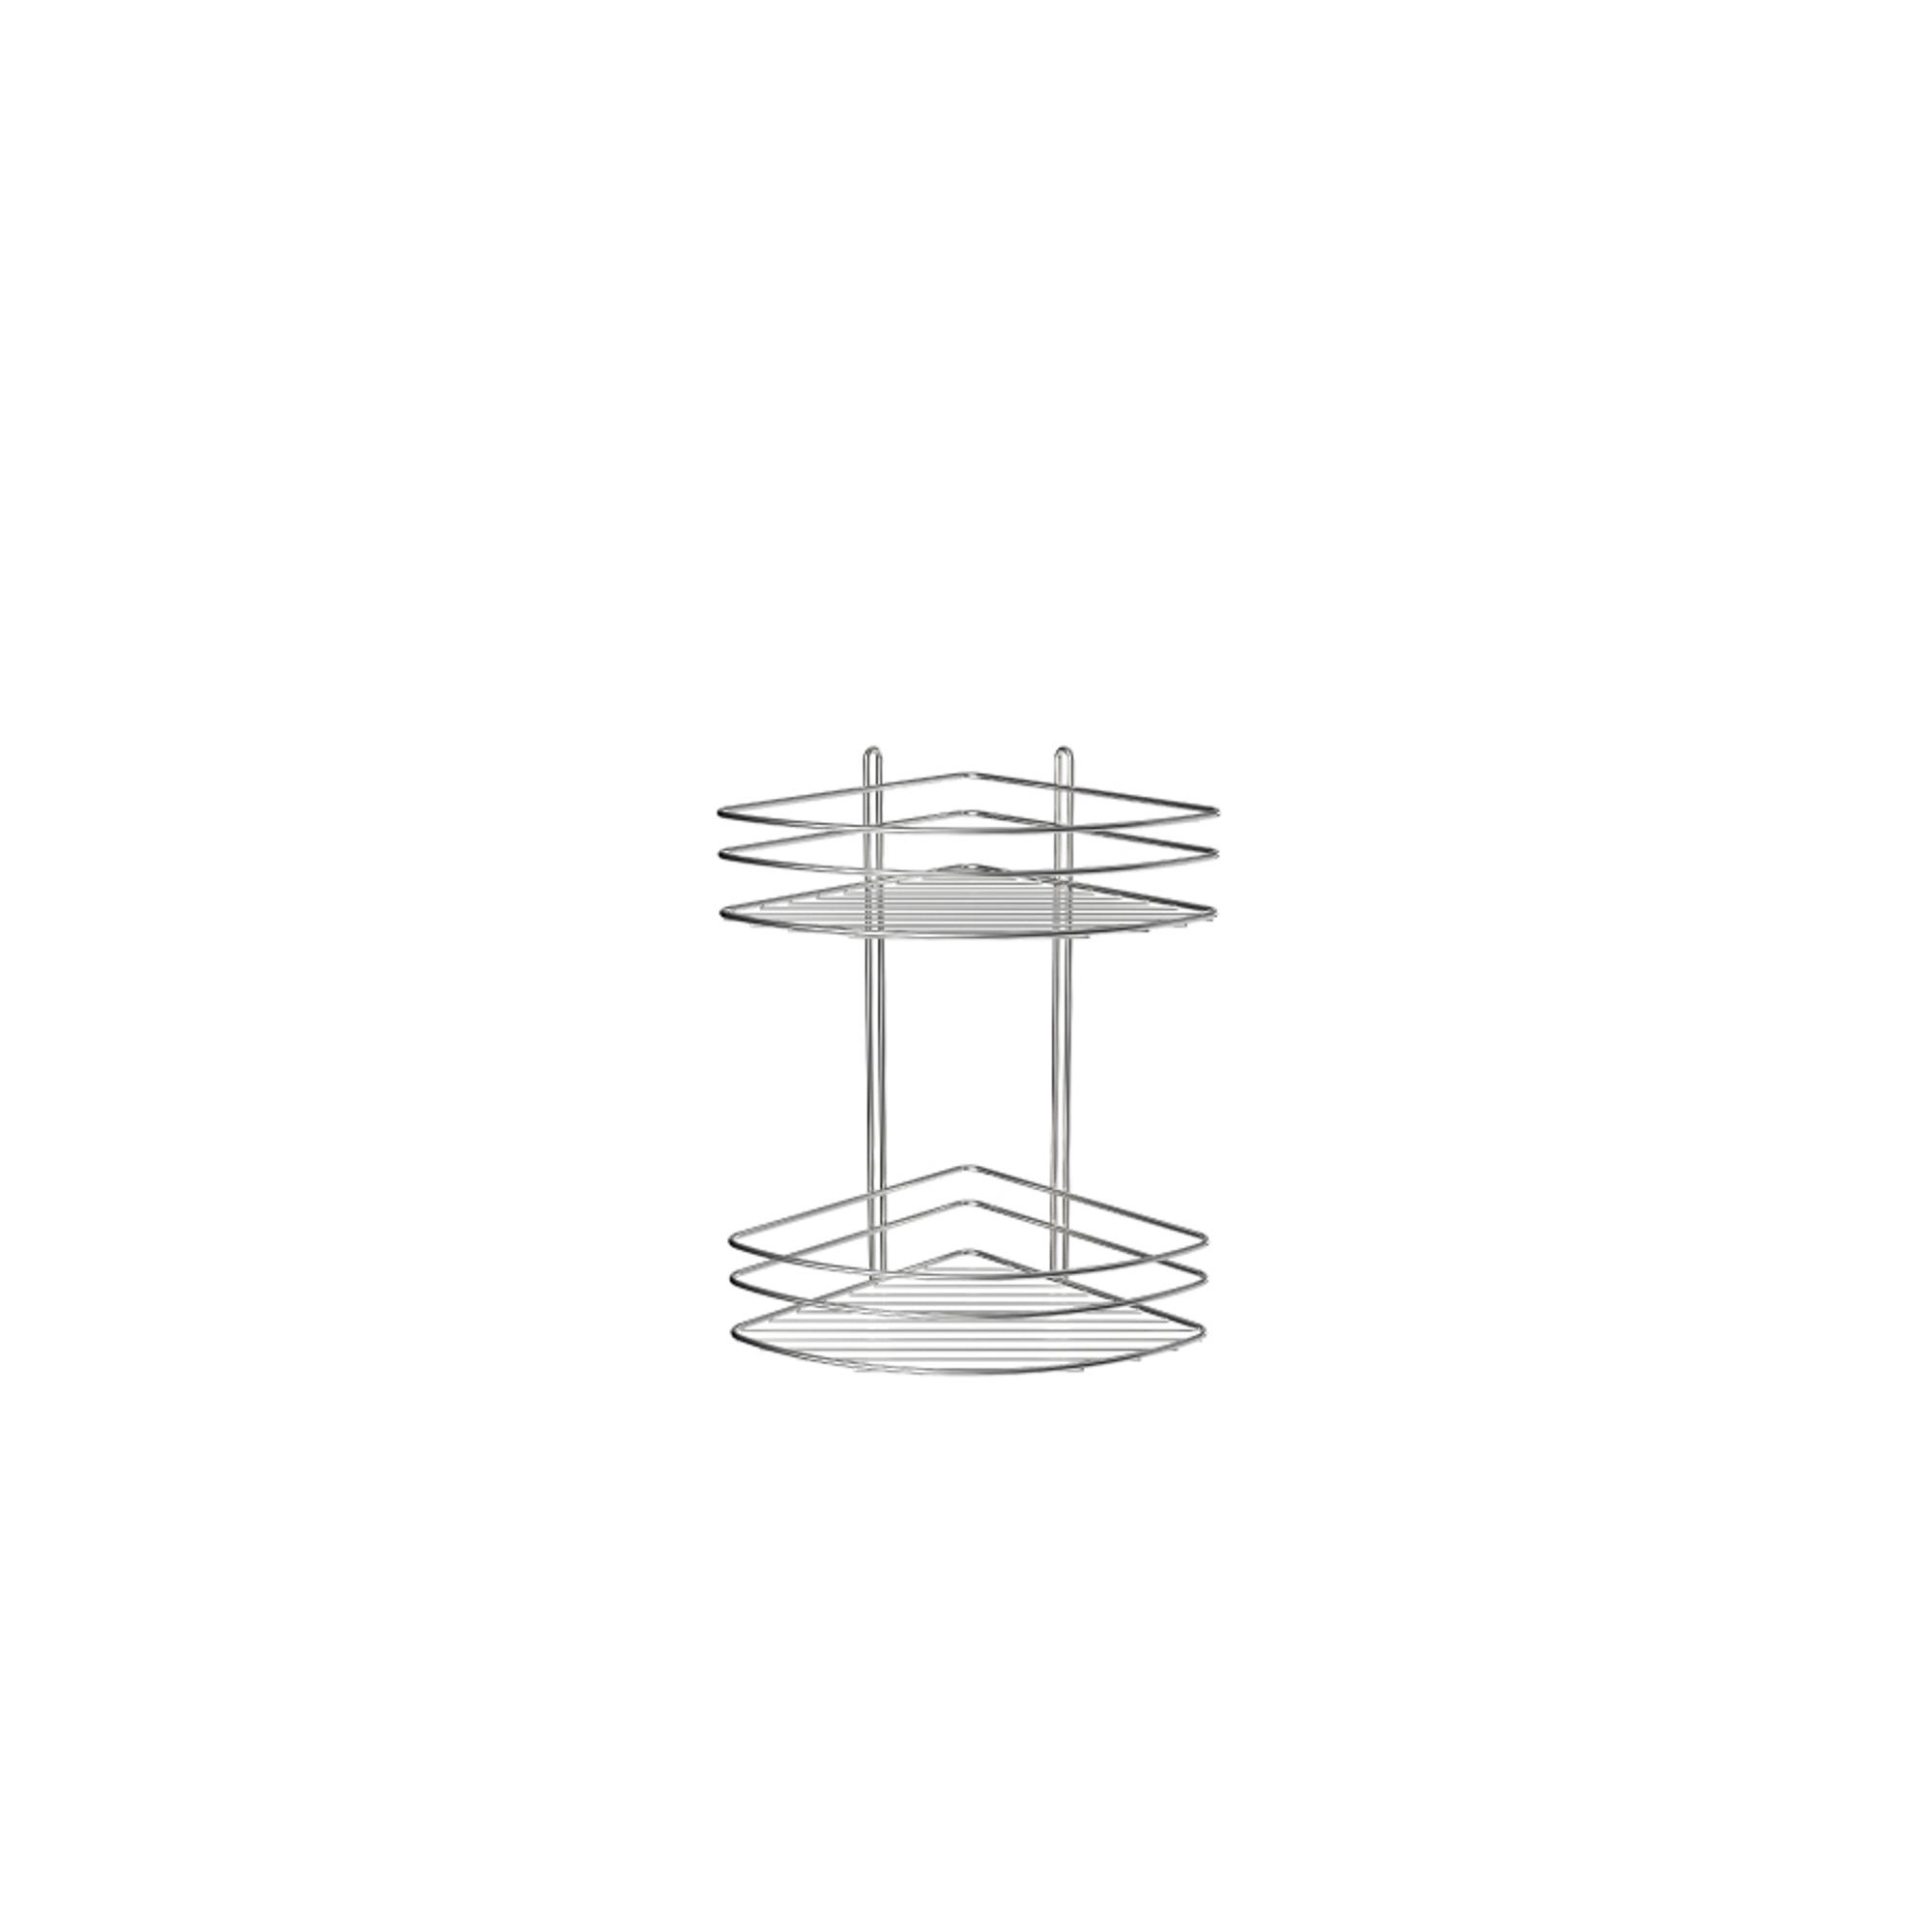 Купить Полка угловая двухэтажная хром Fixsen, полка, Китай, никель-хром, сталь